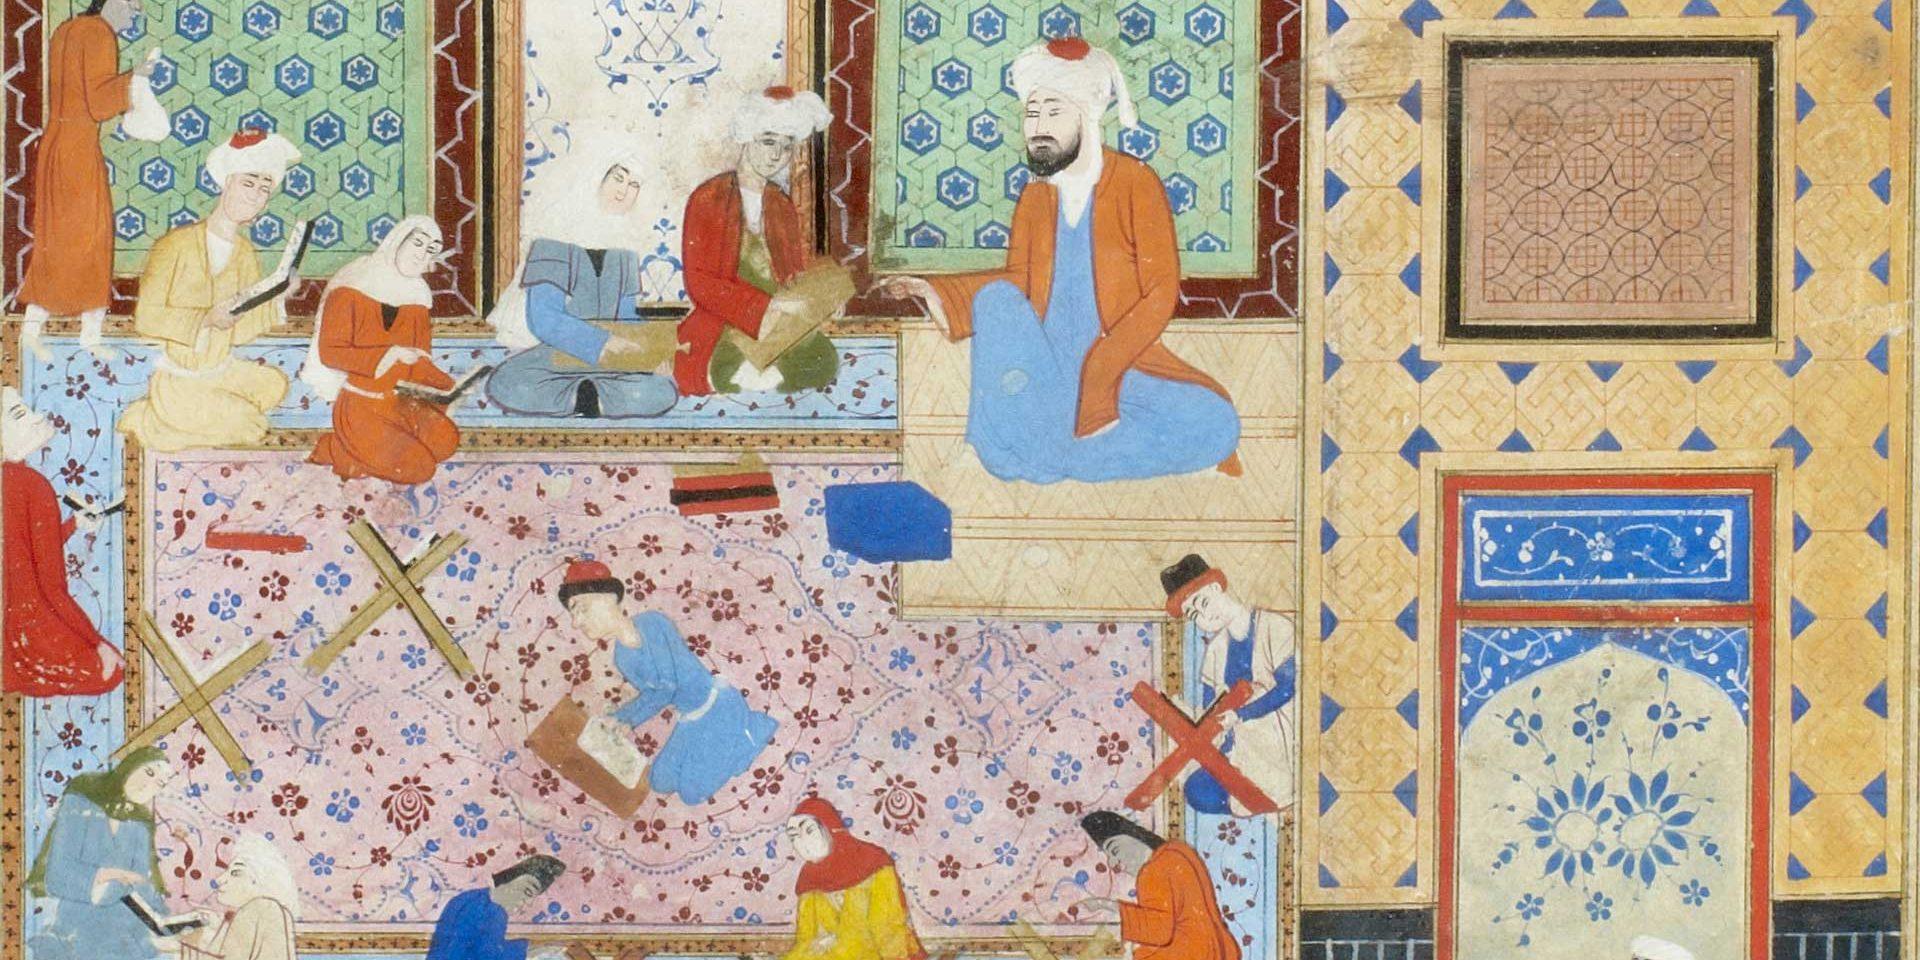 Miniature représentant Laila et Majnun à l'école